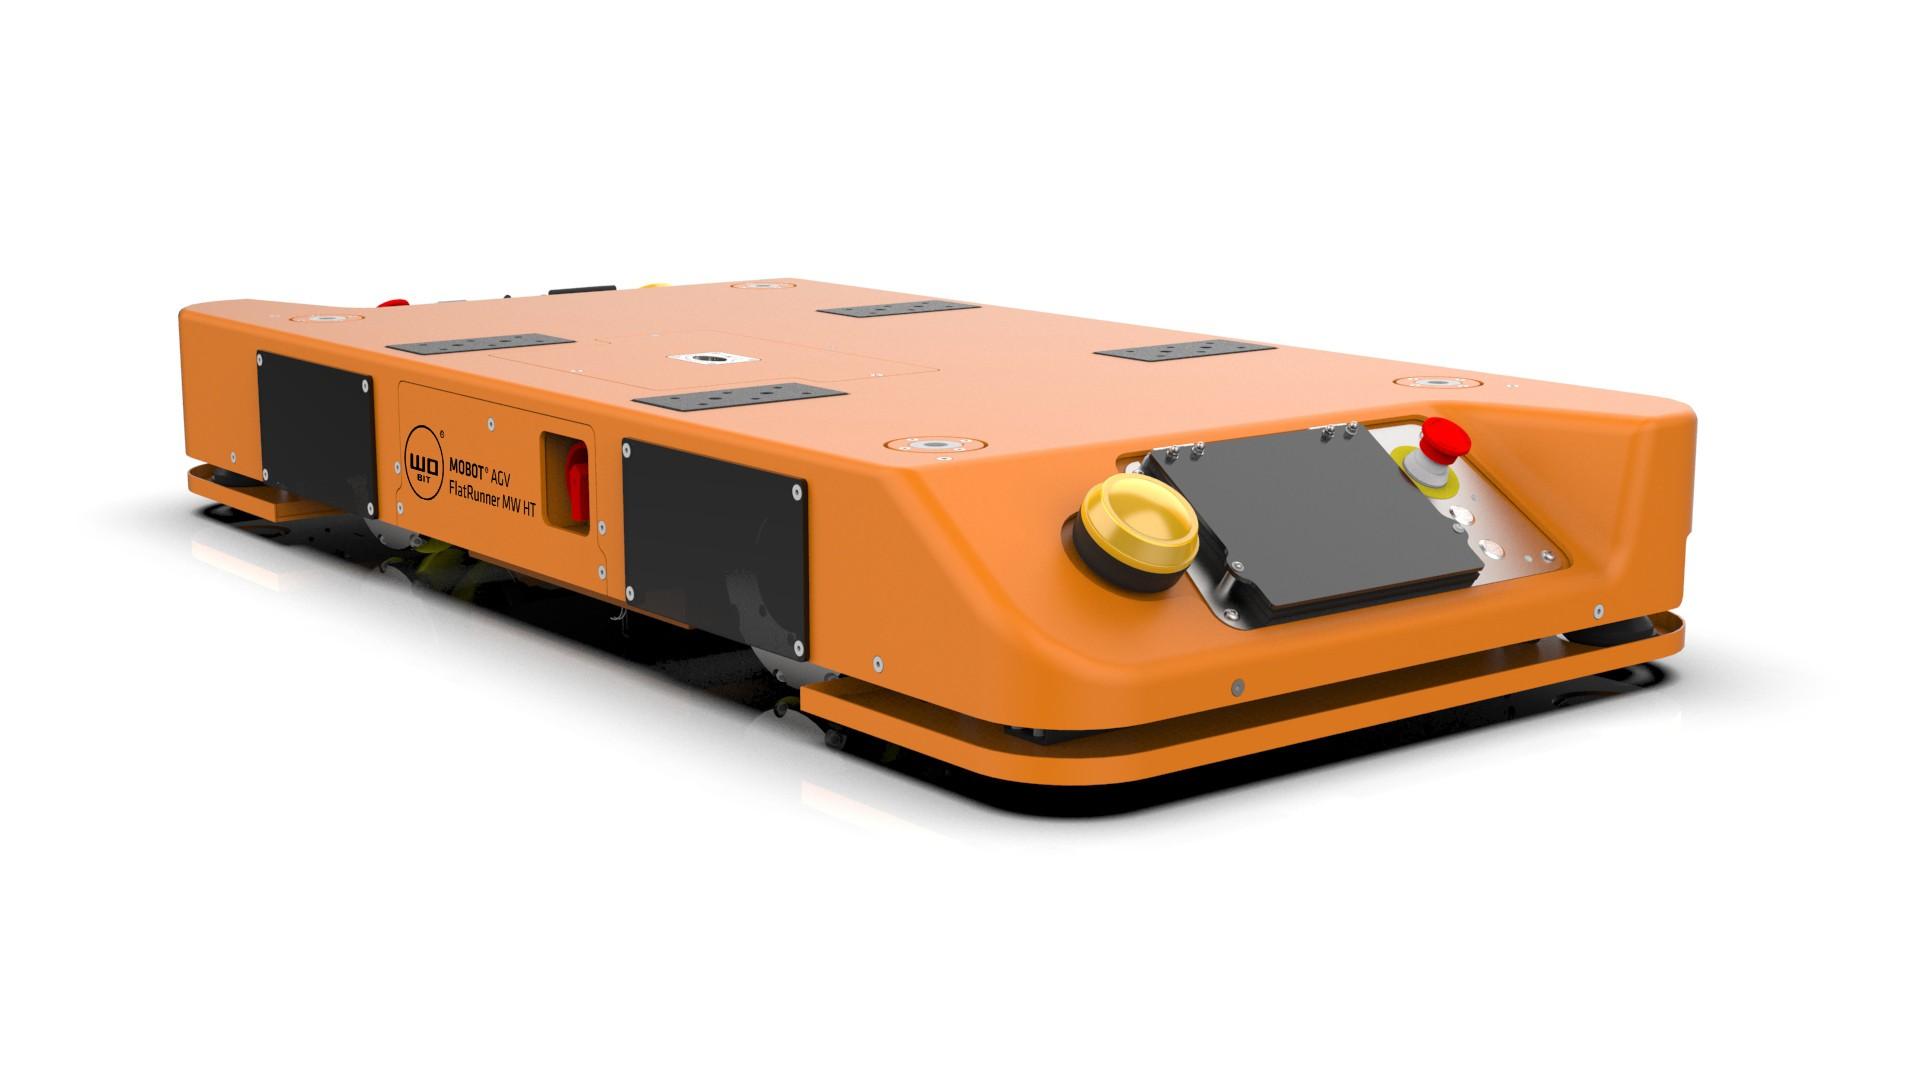 Efektywny transport ciężkich ładunków znowym robotem mobilnym MOBOT® FlatRunner MWHT